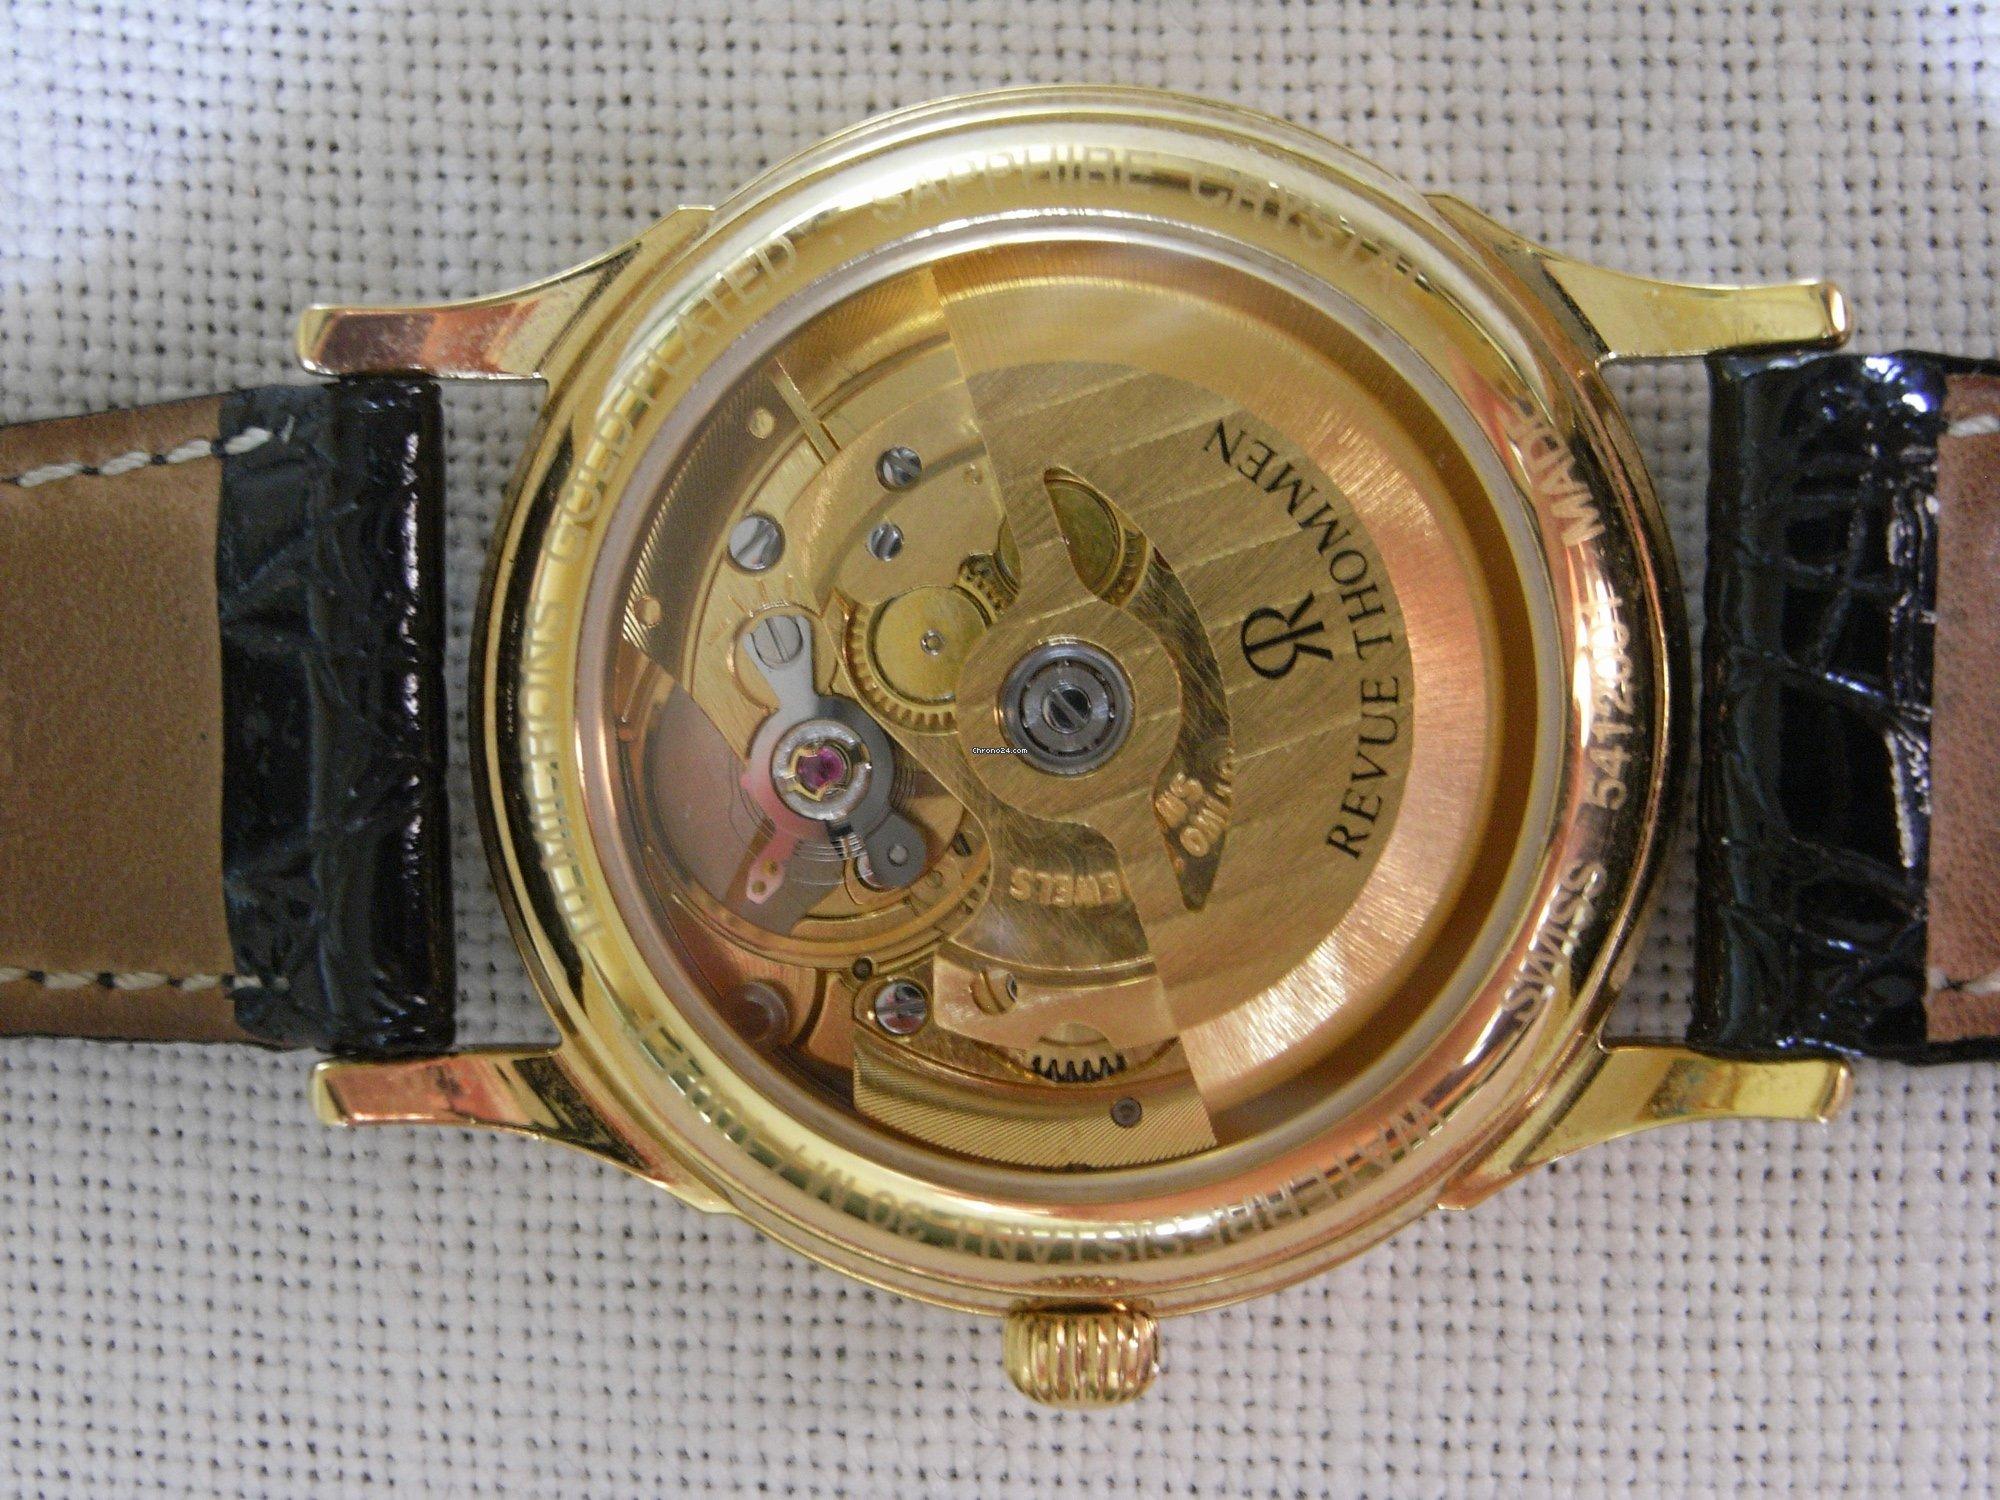 Продать revue thommen часы архангельск скупка часов